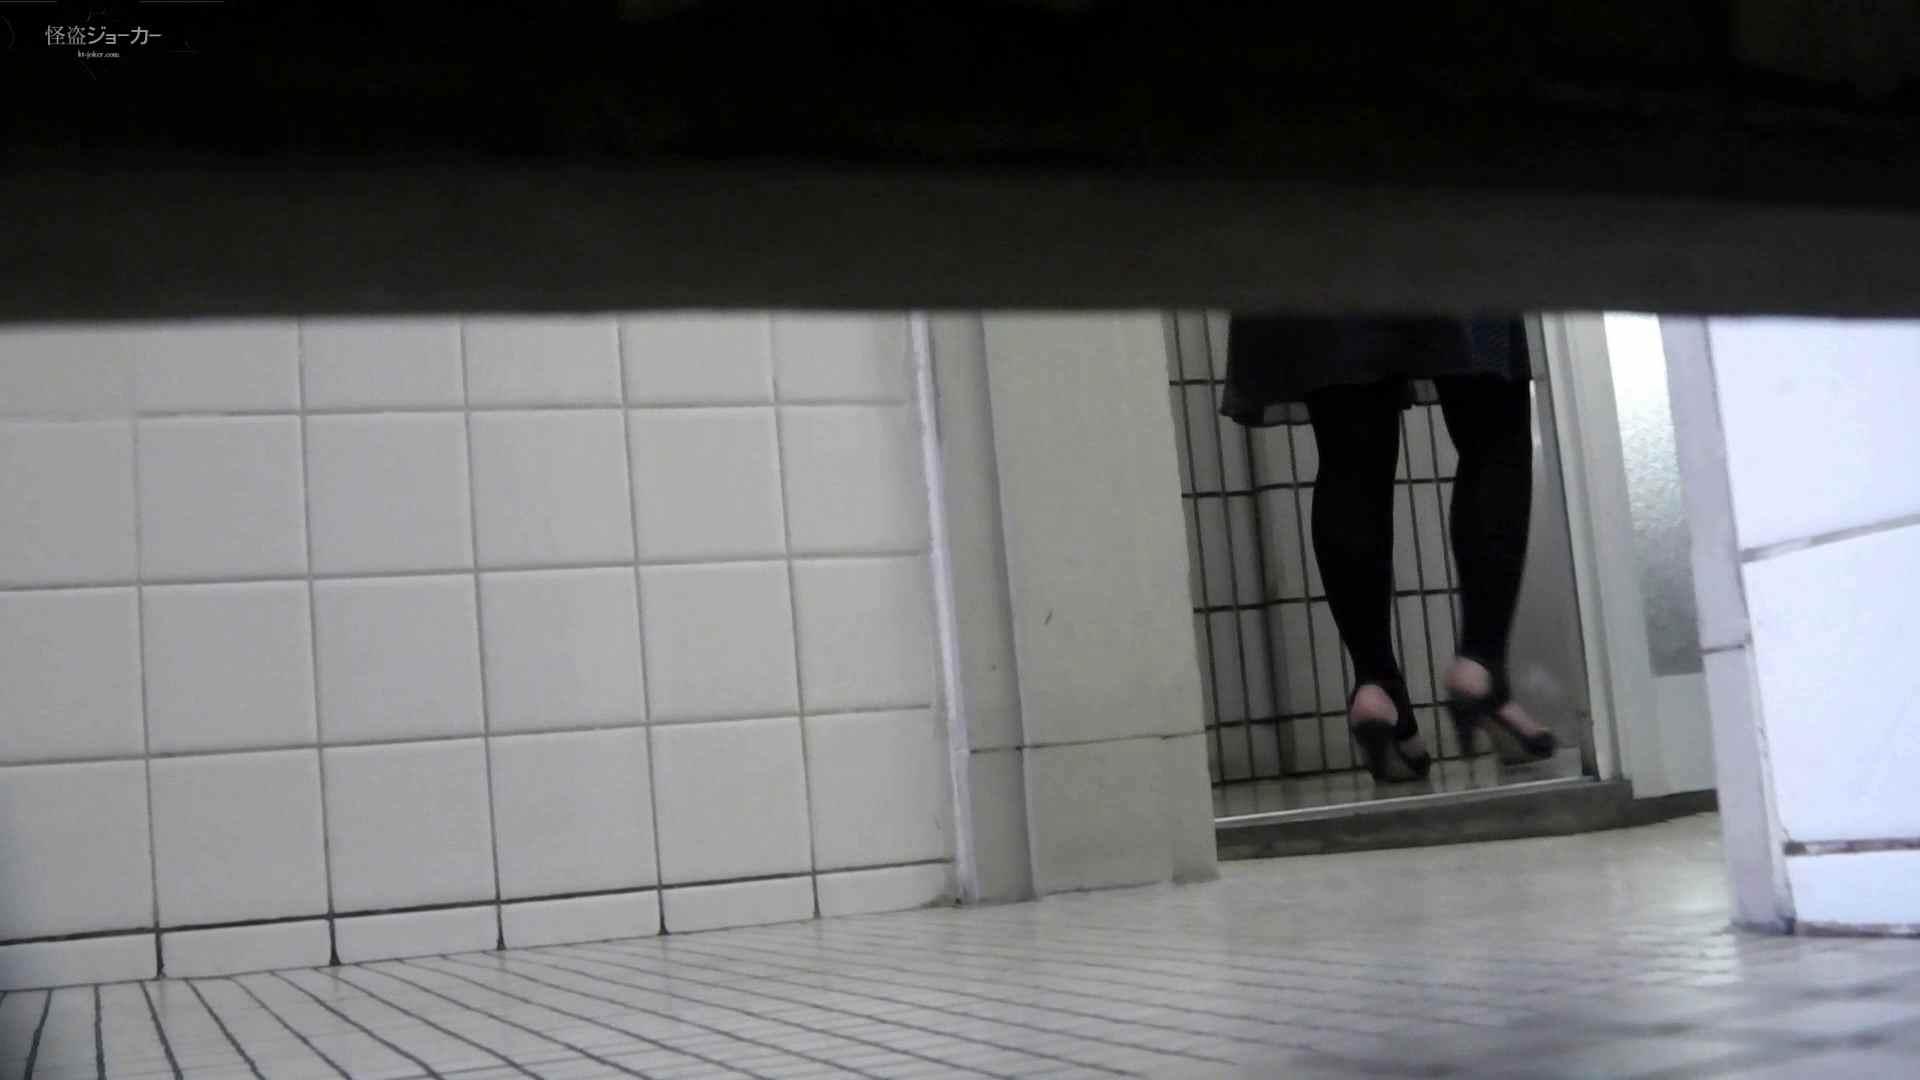 【美しき個室な世界】洗面所特攻隊 vol.051 洗面所のぞき セックス画像 100枚 26